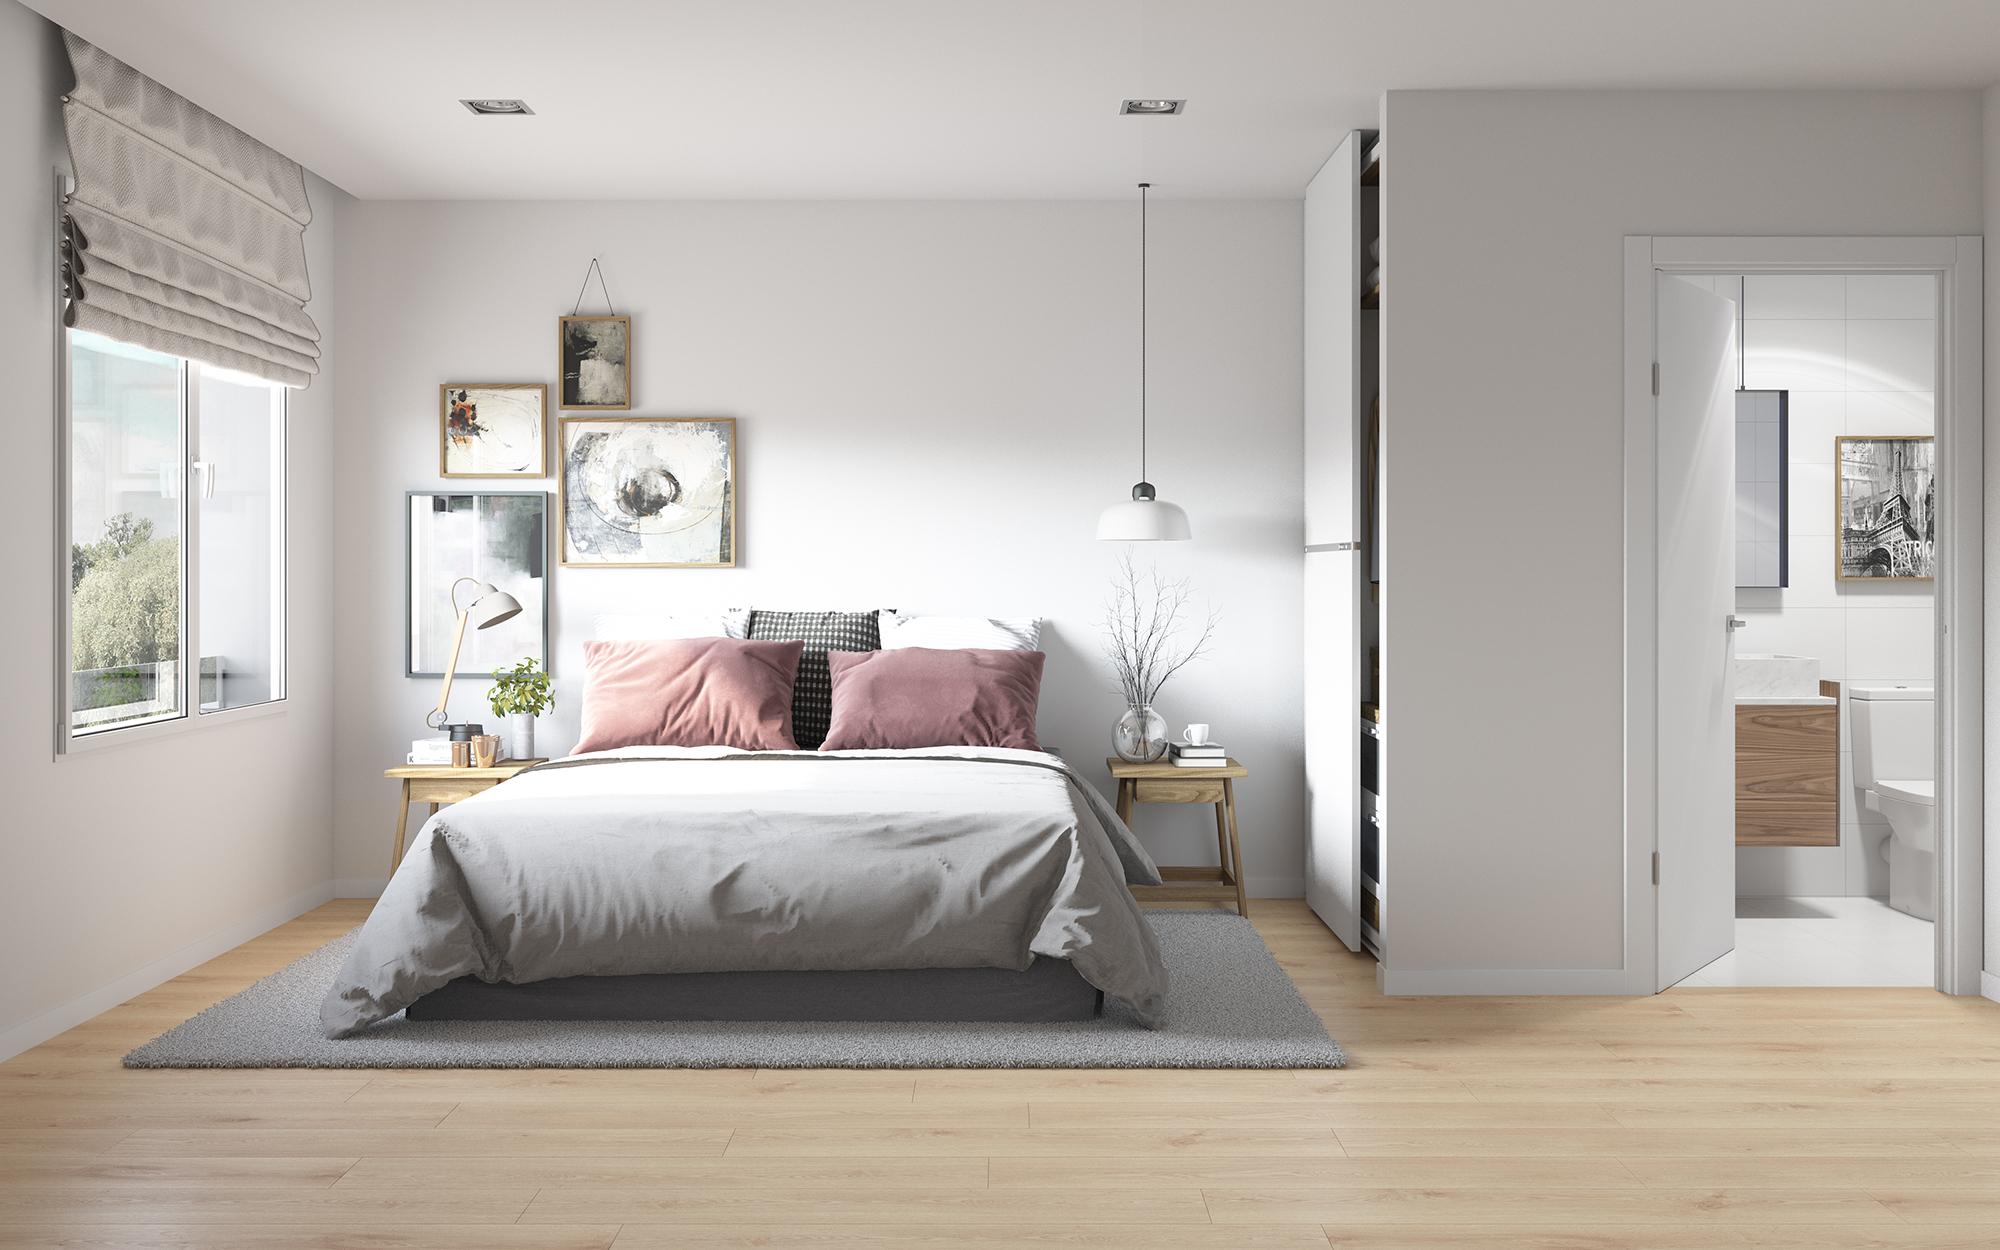 Atencion!!Nuevo piso de nuevo a la venta.Ubicado 2º planta sur,2 habitaciones,2 baños, salon cocina y terraza!!!